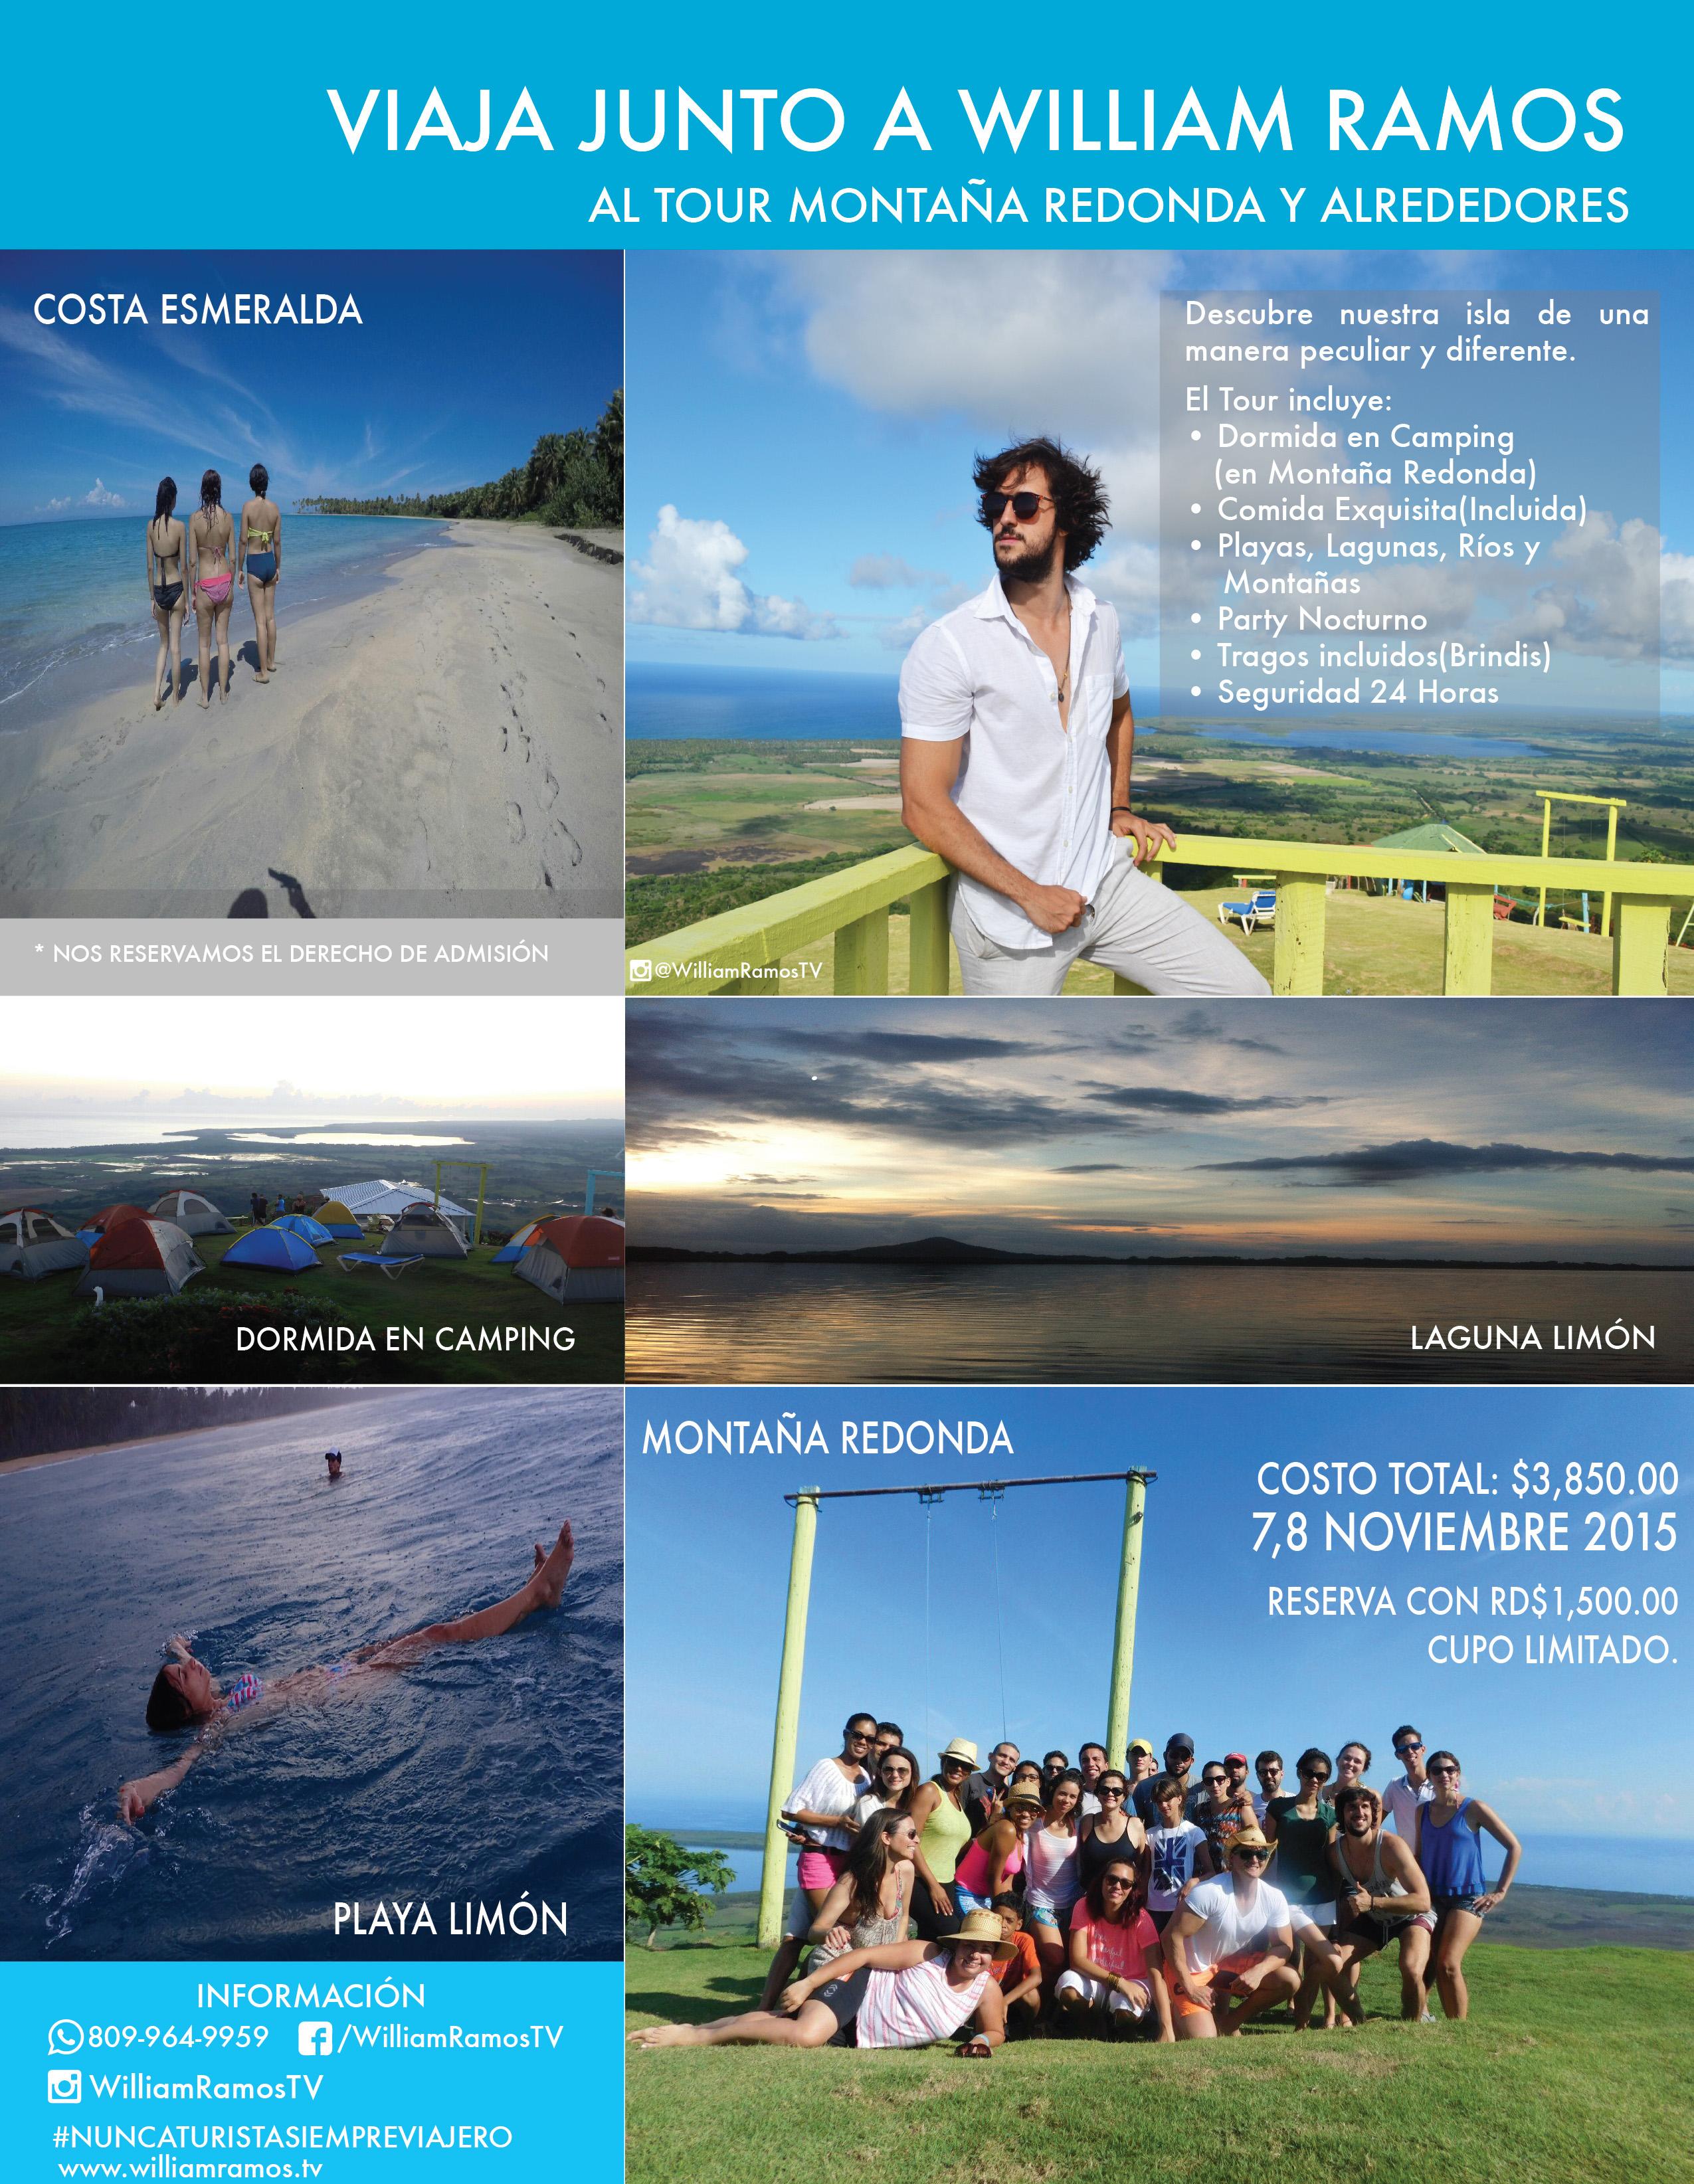 Info: Tour Montaña Redonda & Alrededores 7 al 8 de Noviembre